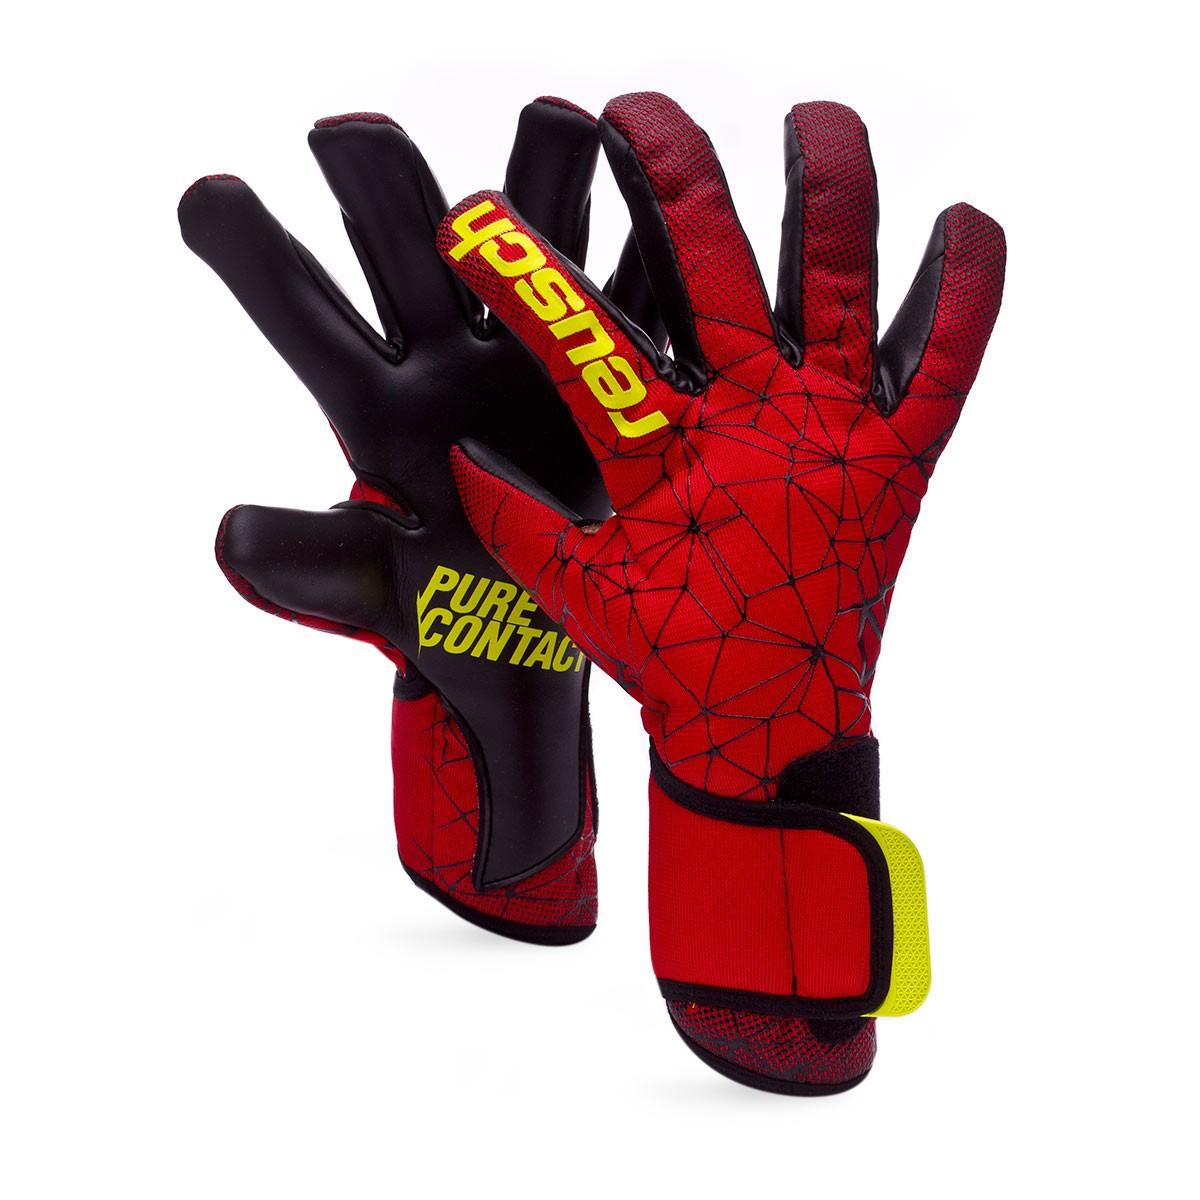 f0cdade7350 Guanti Reusch Pure Contact II R3 Black-Fire red - Negozio di calcio Fútbol  Emotion